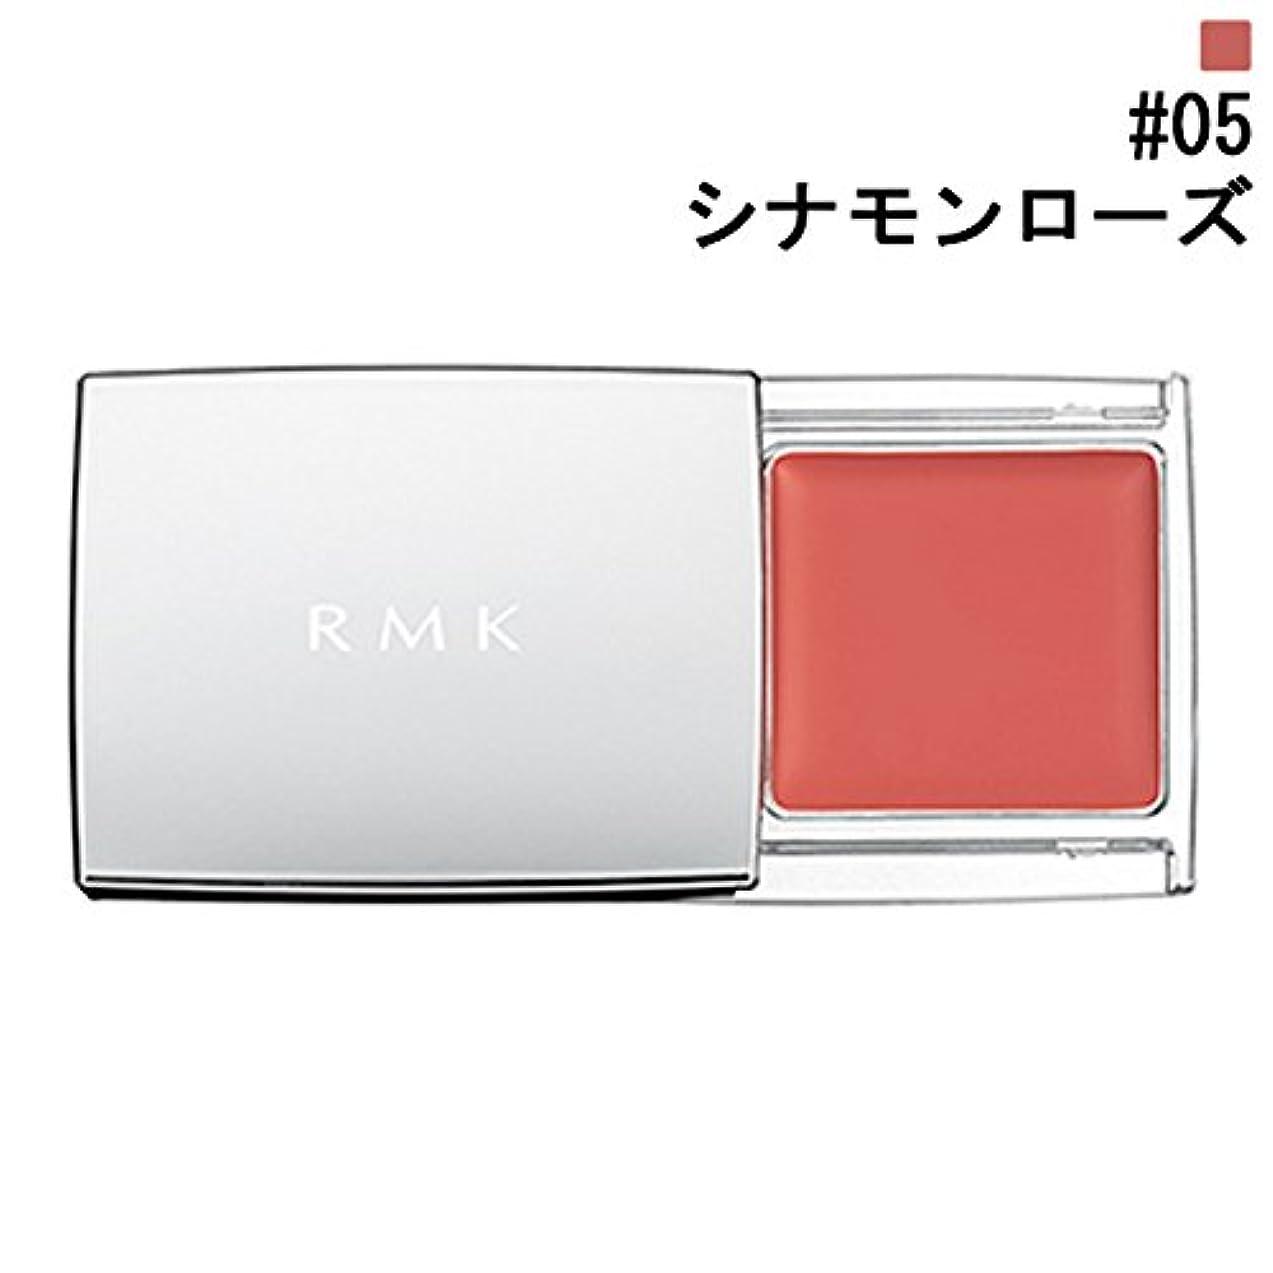 チャーム噴水パーティション【RMK (ルミコ)】RMK マルチペイントカラーズ #05 シナモンローズ 1.5g